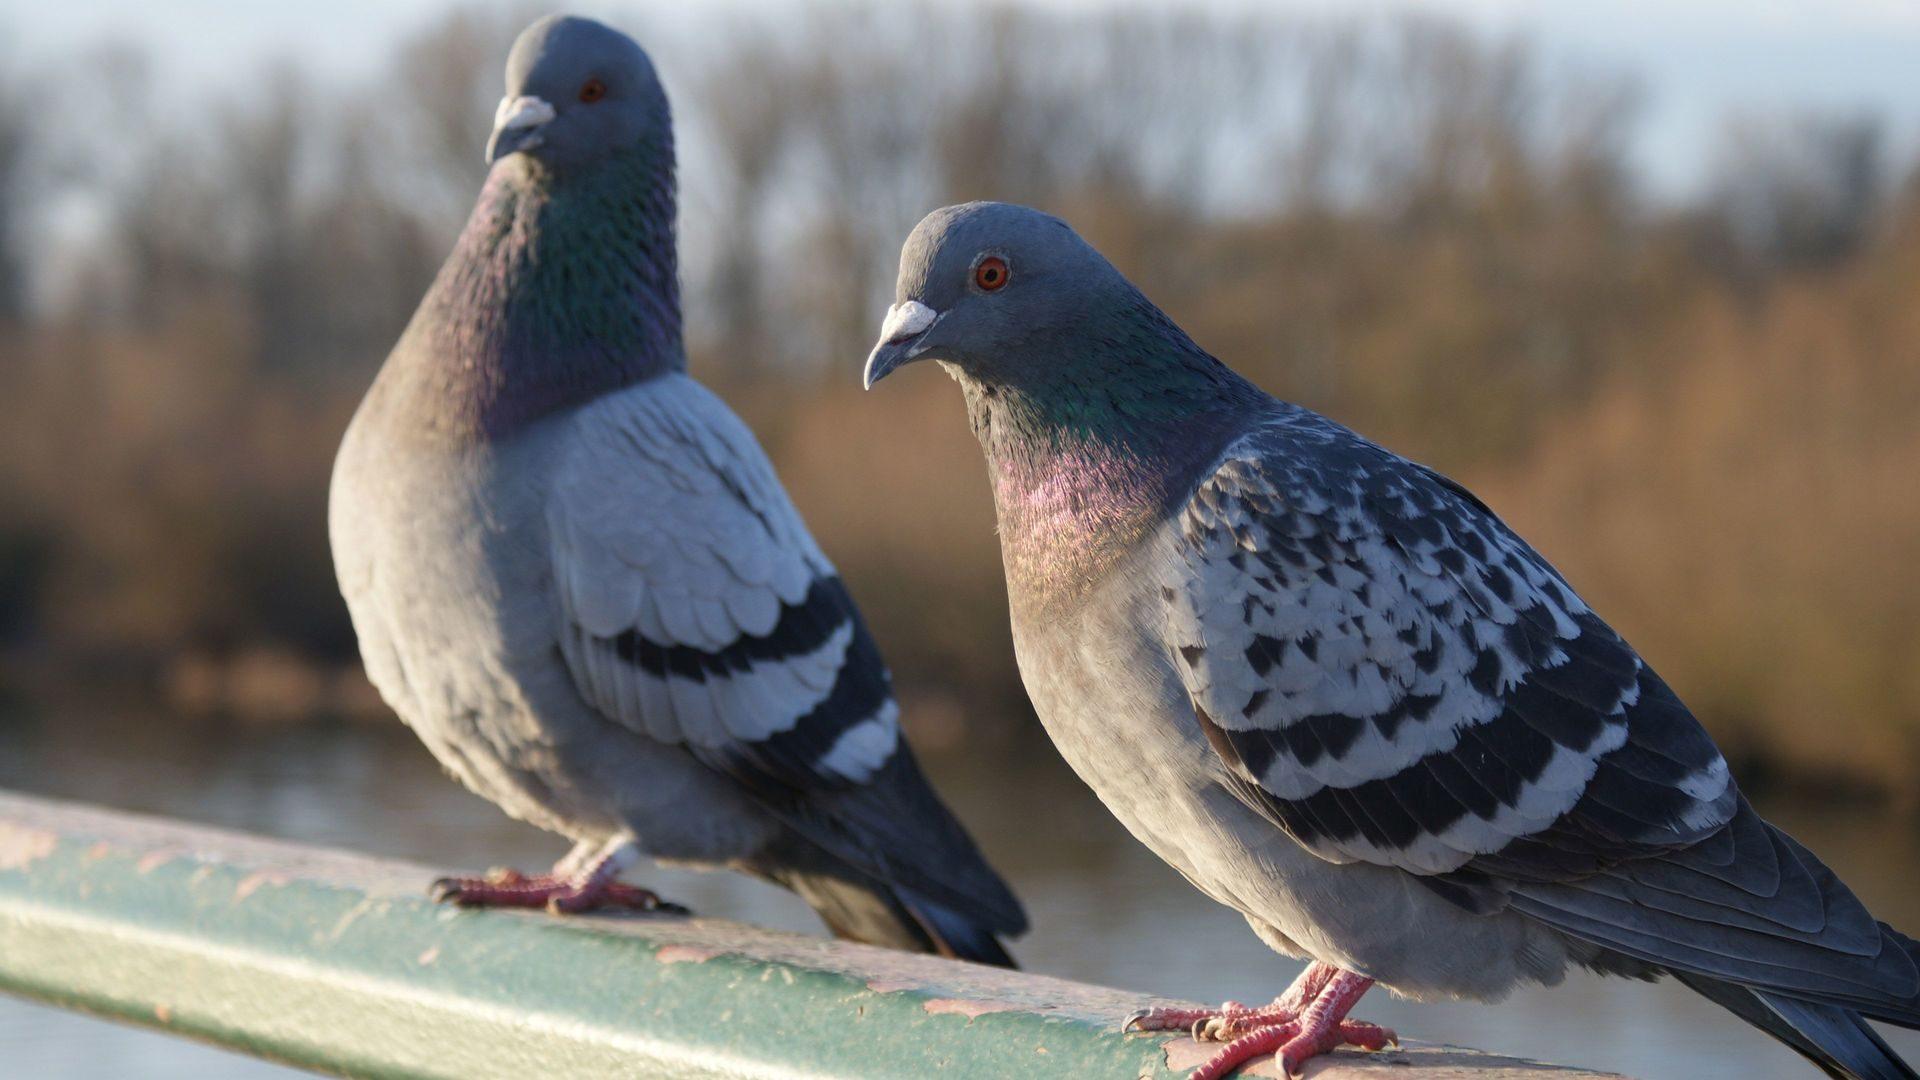 голуби баян картинка чём причина